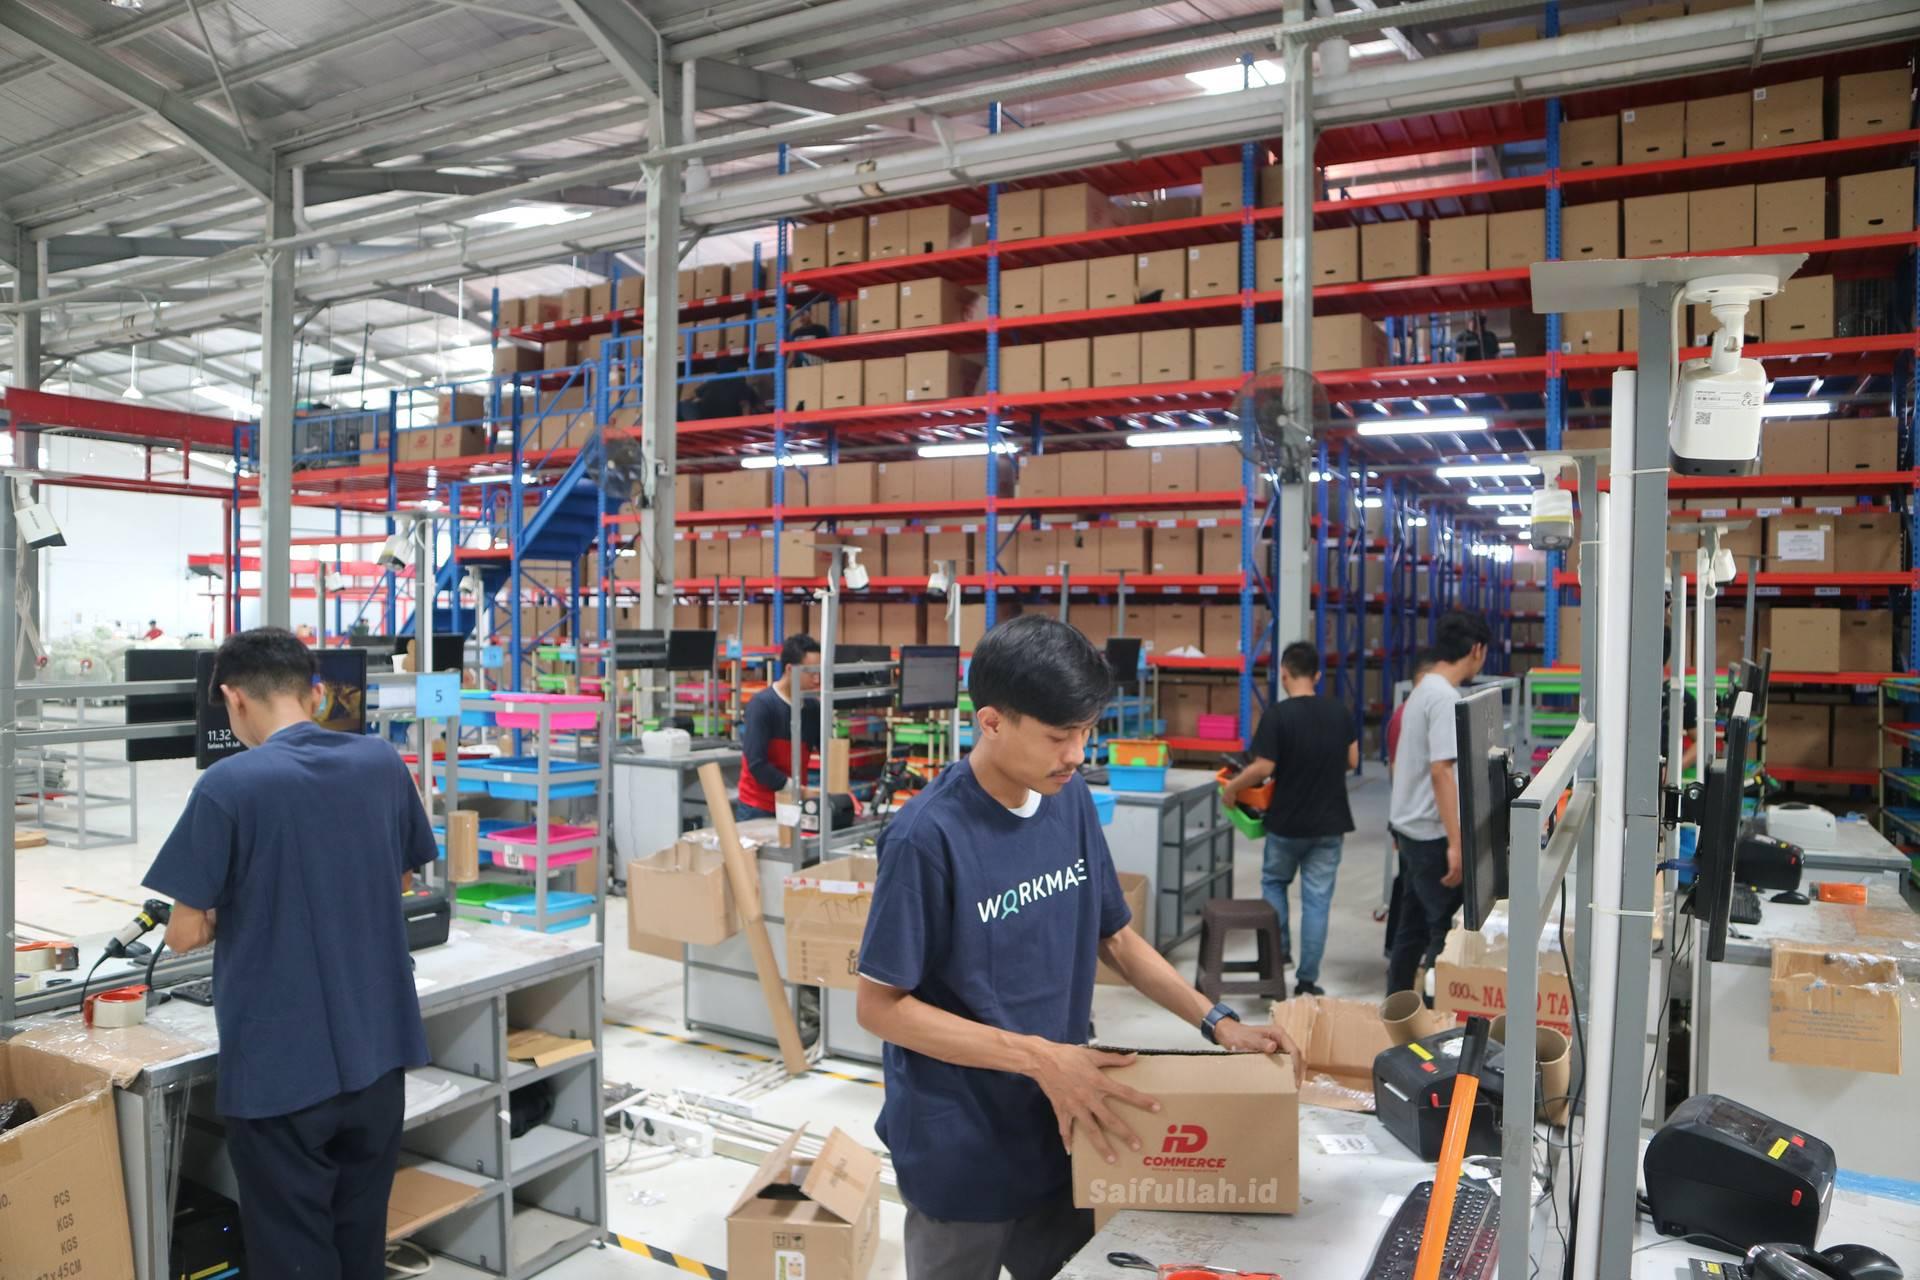 Lowongan Kerja Staff Gudang Toko Bintang Utama Elektronik Pontianak